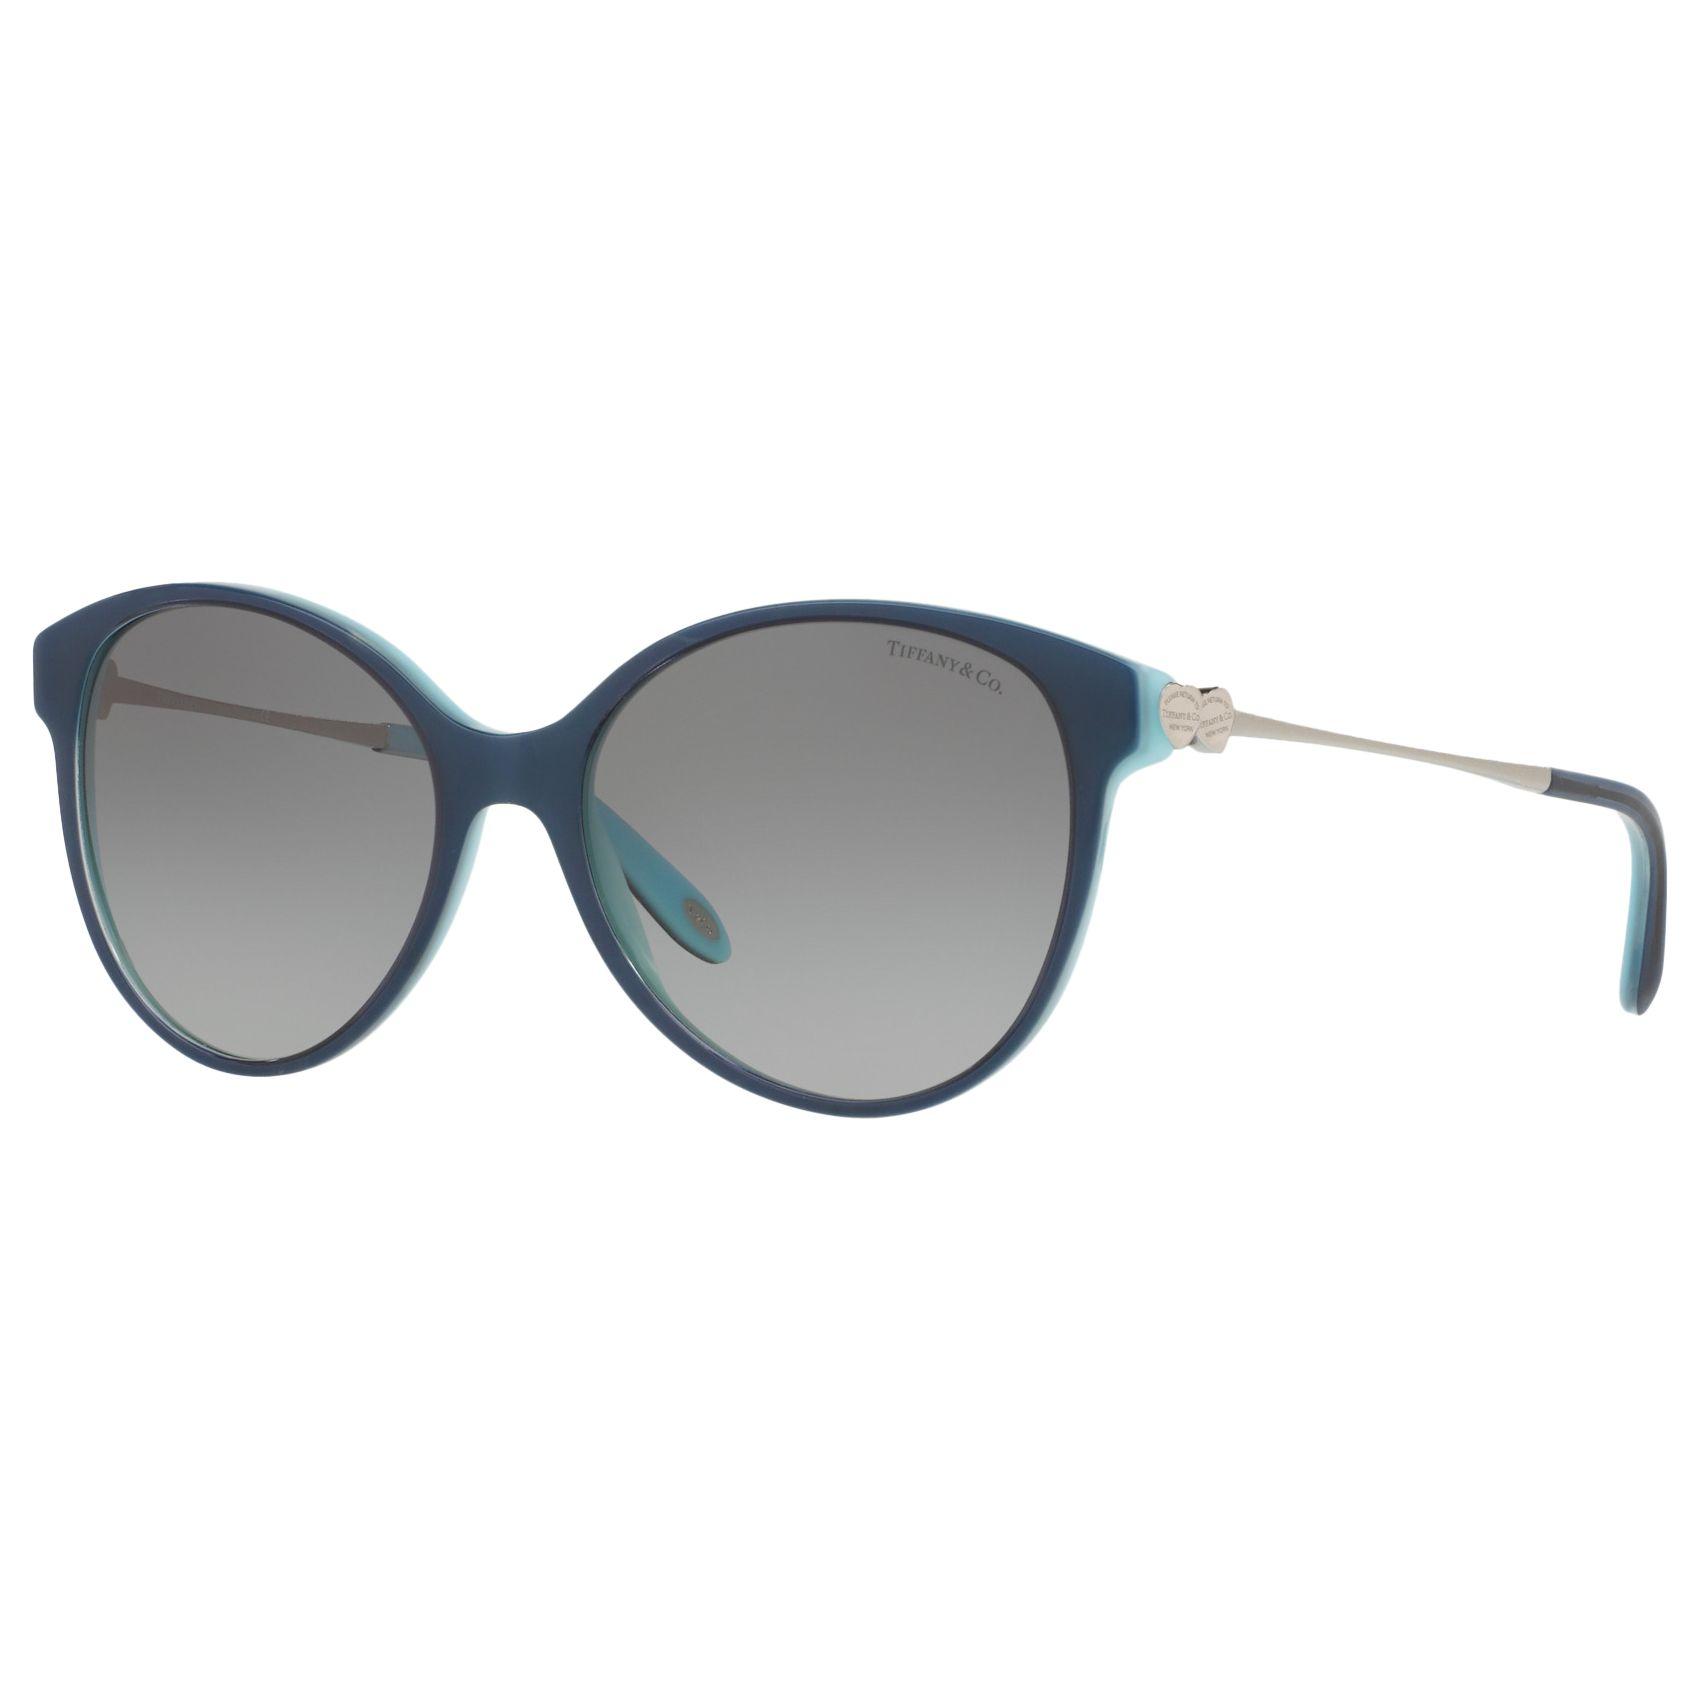 Tiffany & Co Tiffany & Co TF4127 Oval Sunglasses, Indigo/Grey Gradient